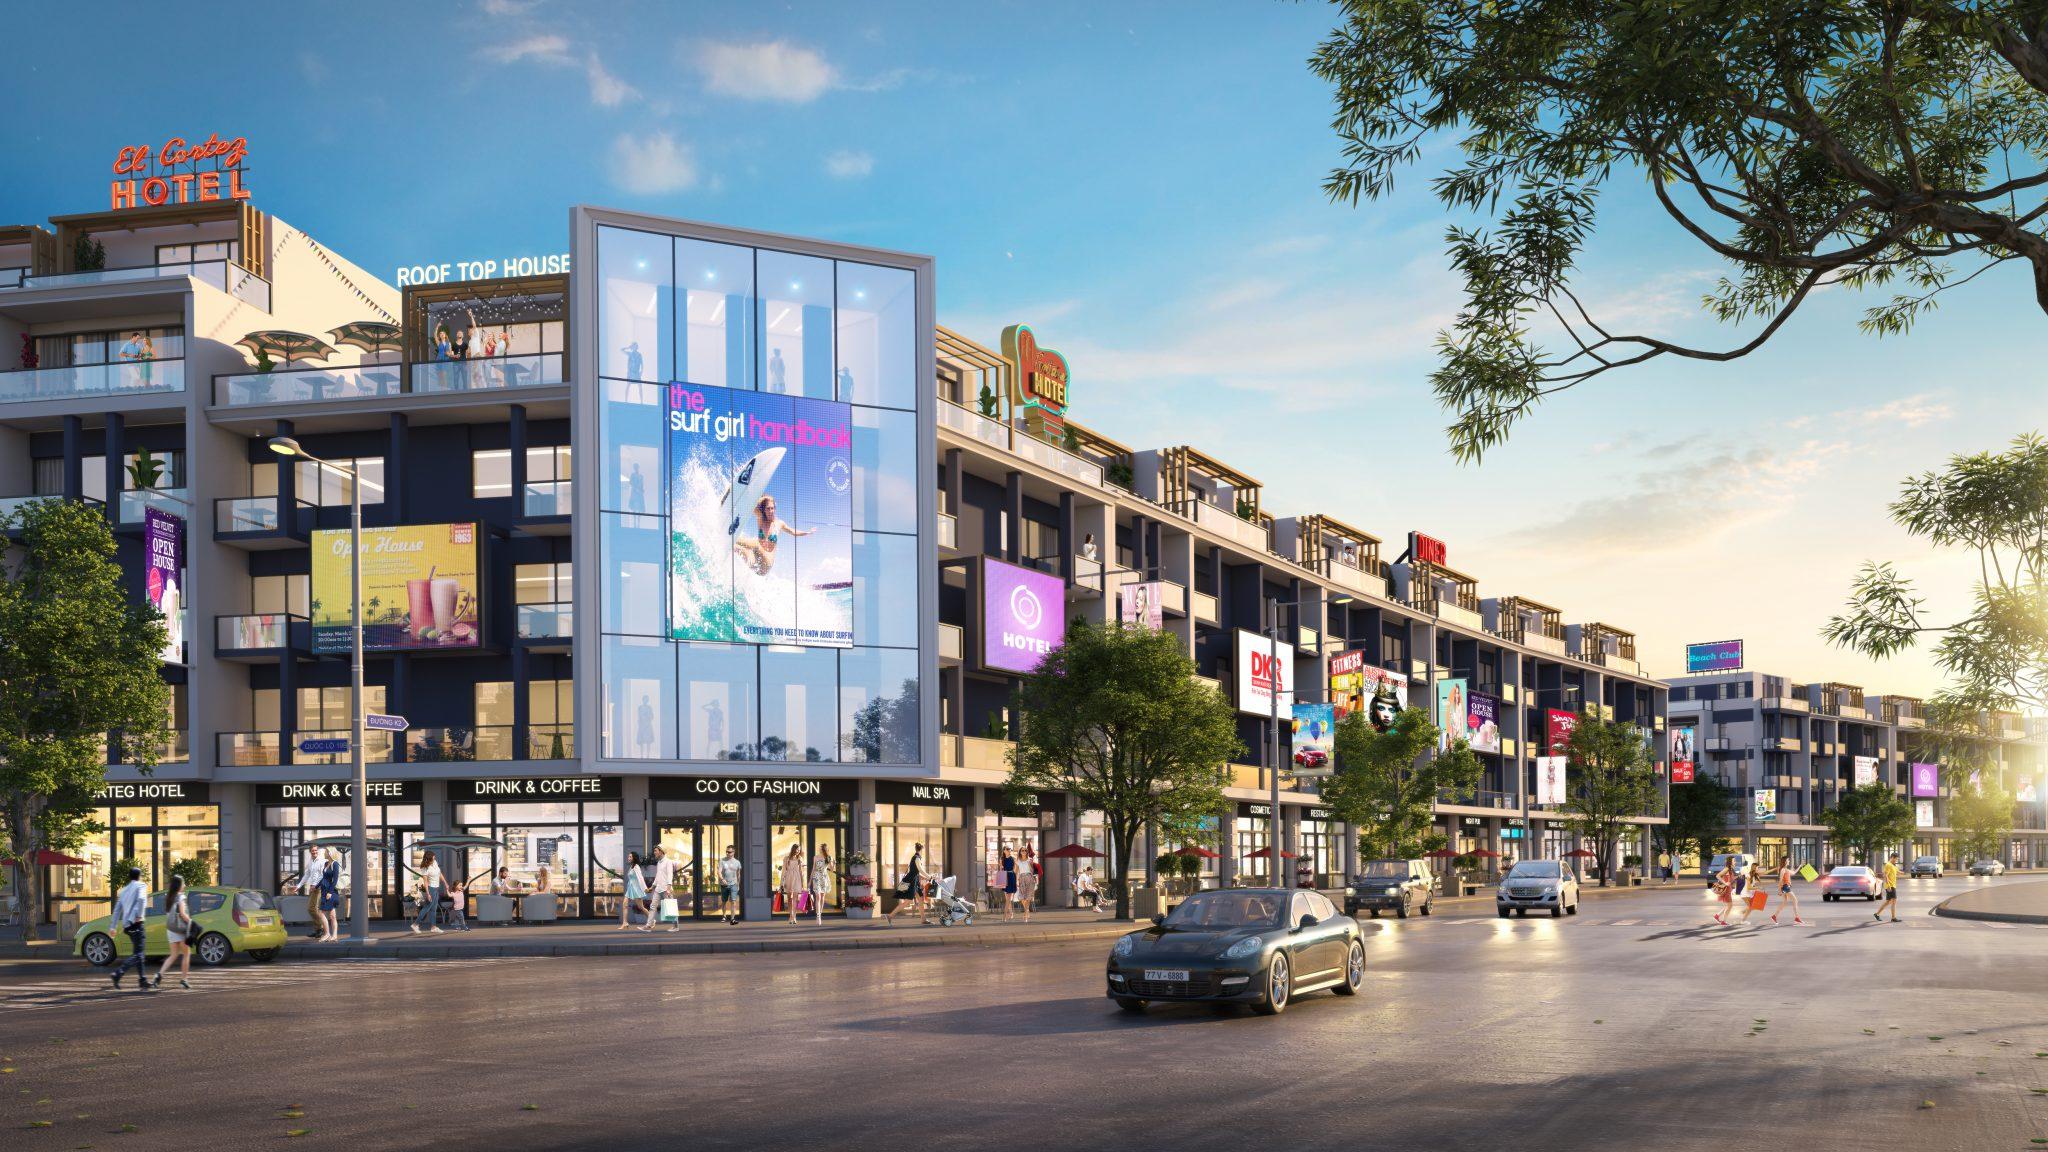 190809 Phối cảnh nhà liền kề thương mại DA Nhơn Hội New City PK2 - DỰ ÁN ĐẤT NỀN NHƠN HỘI NEW CITY QUY NHƠN, TỈNH BÌNH ĐỊNH